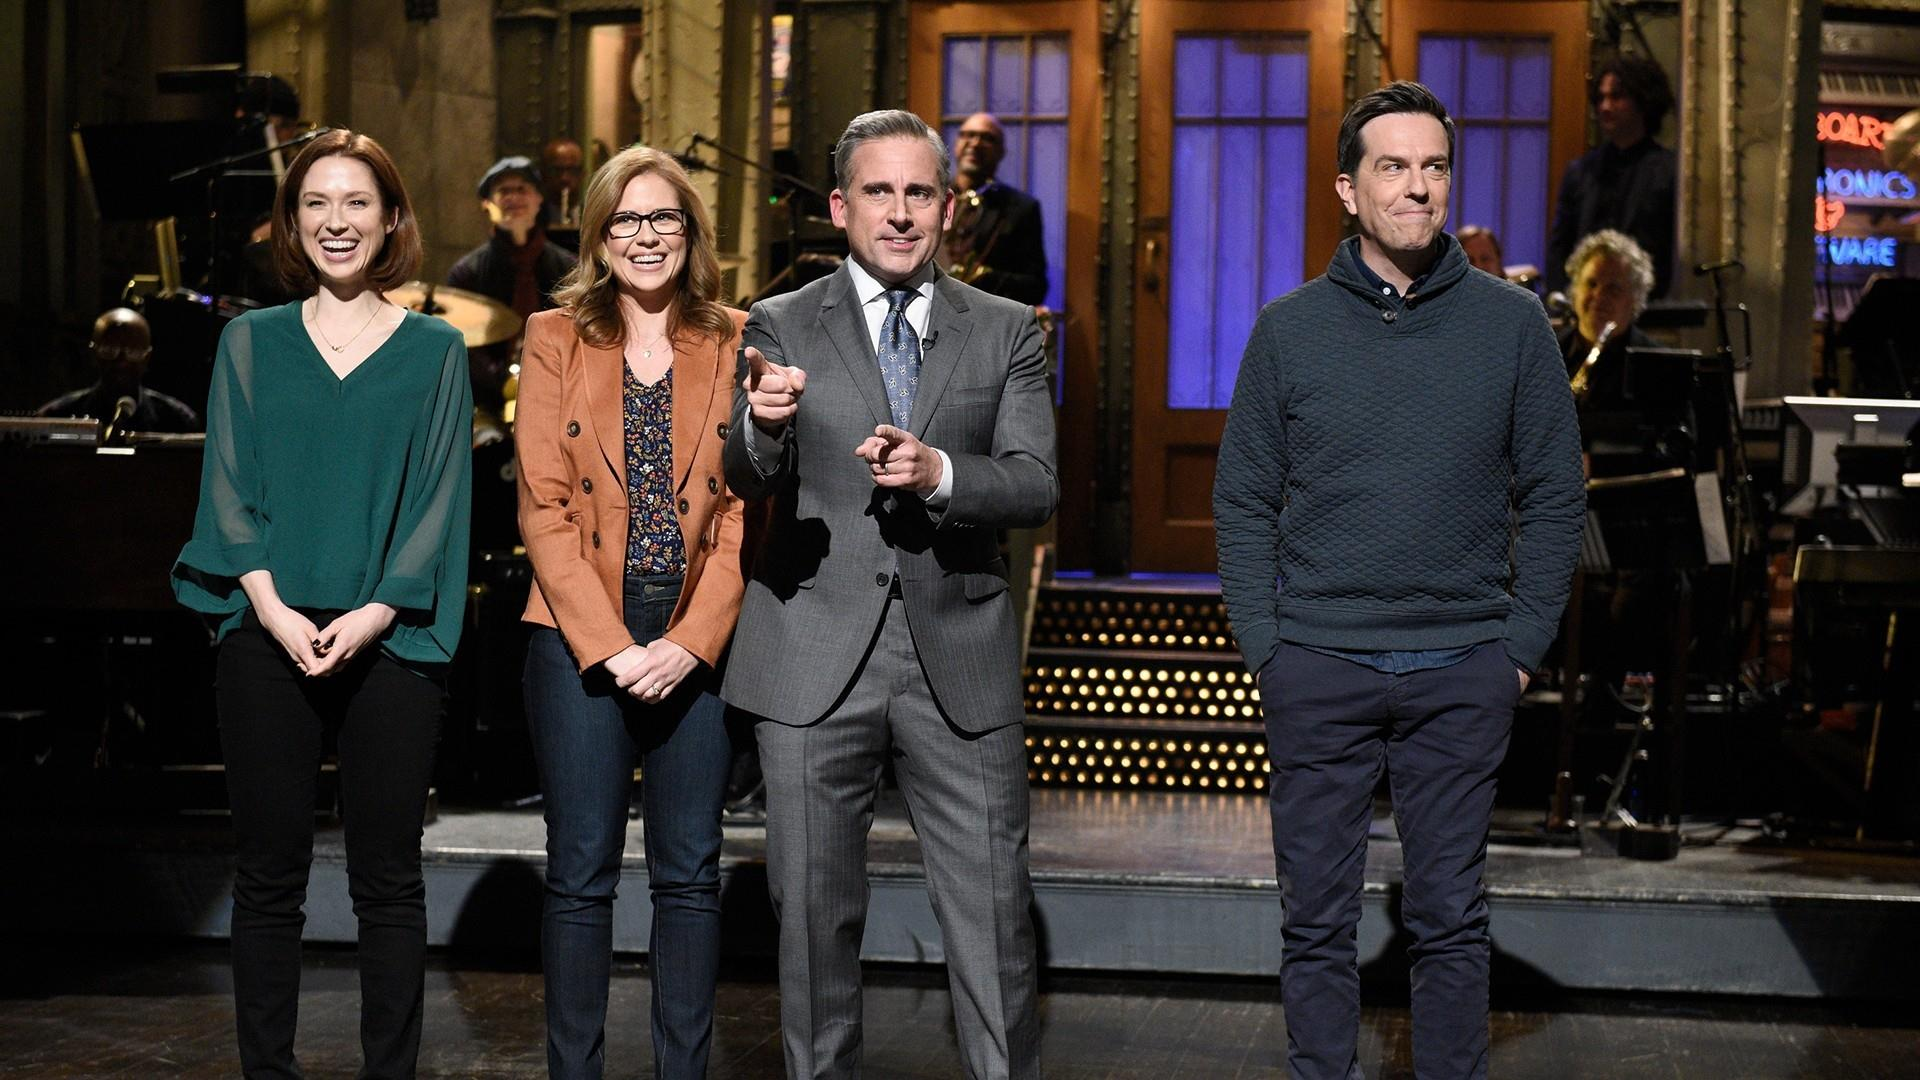 جان کرازینسکی از علاقهاش برای بازگشت سریال The Office میگوید